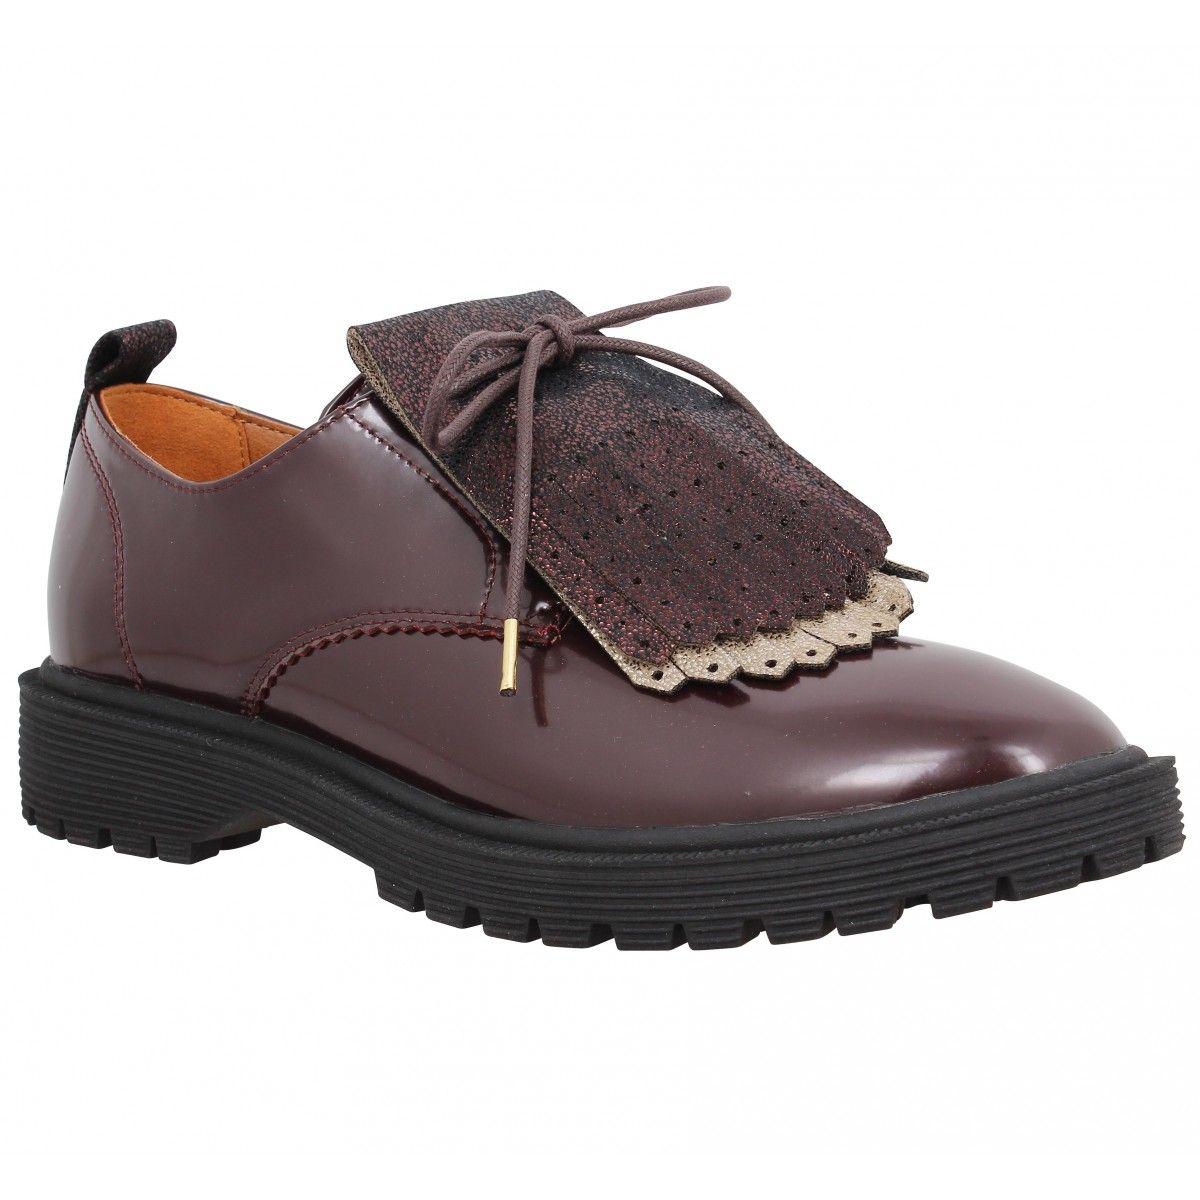 Chaussure Armistice pour dames Rock Derby en noir brillant. evZDG5jj